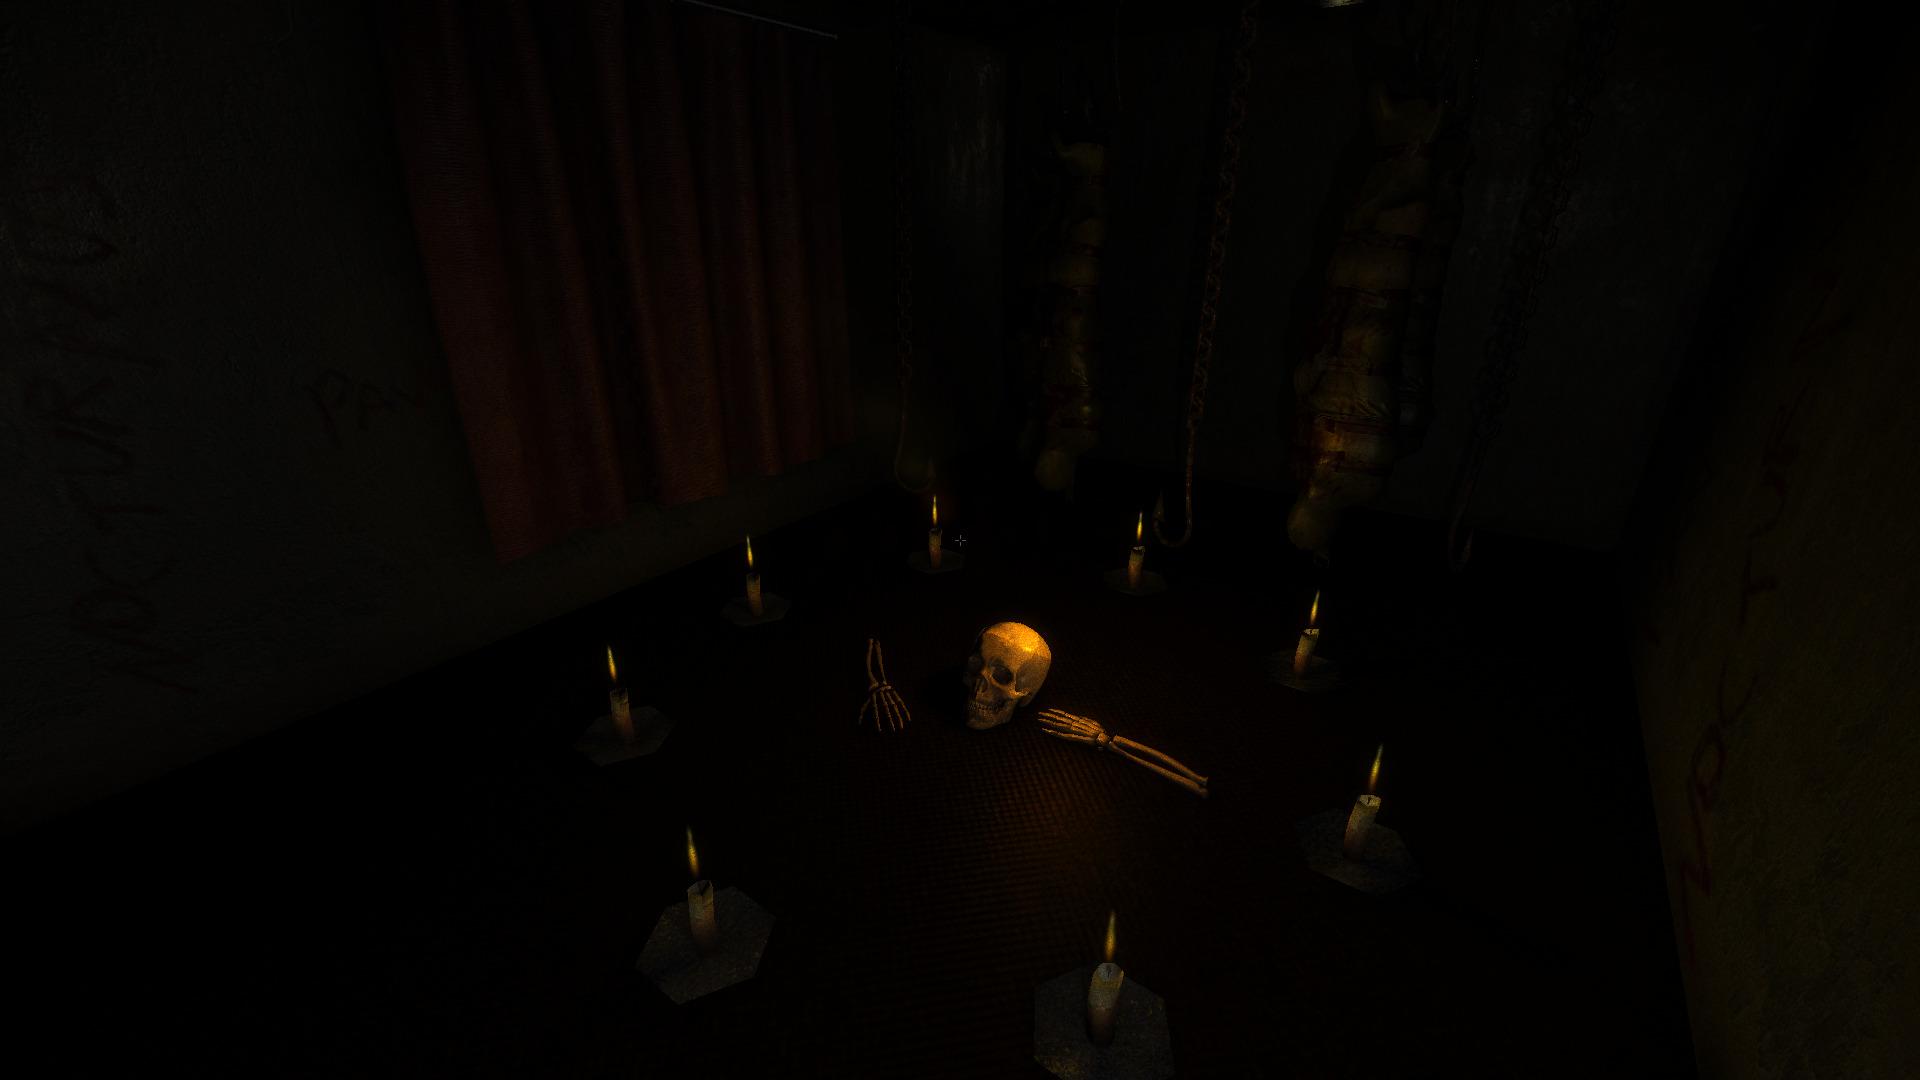 nightmares-19.jpg